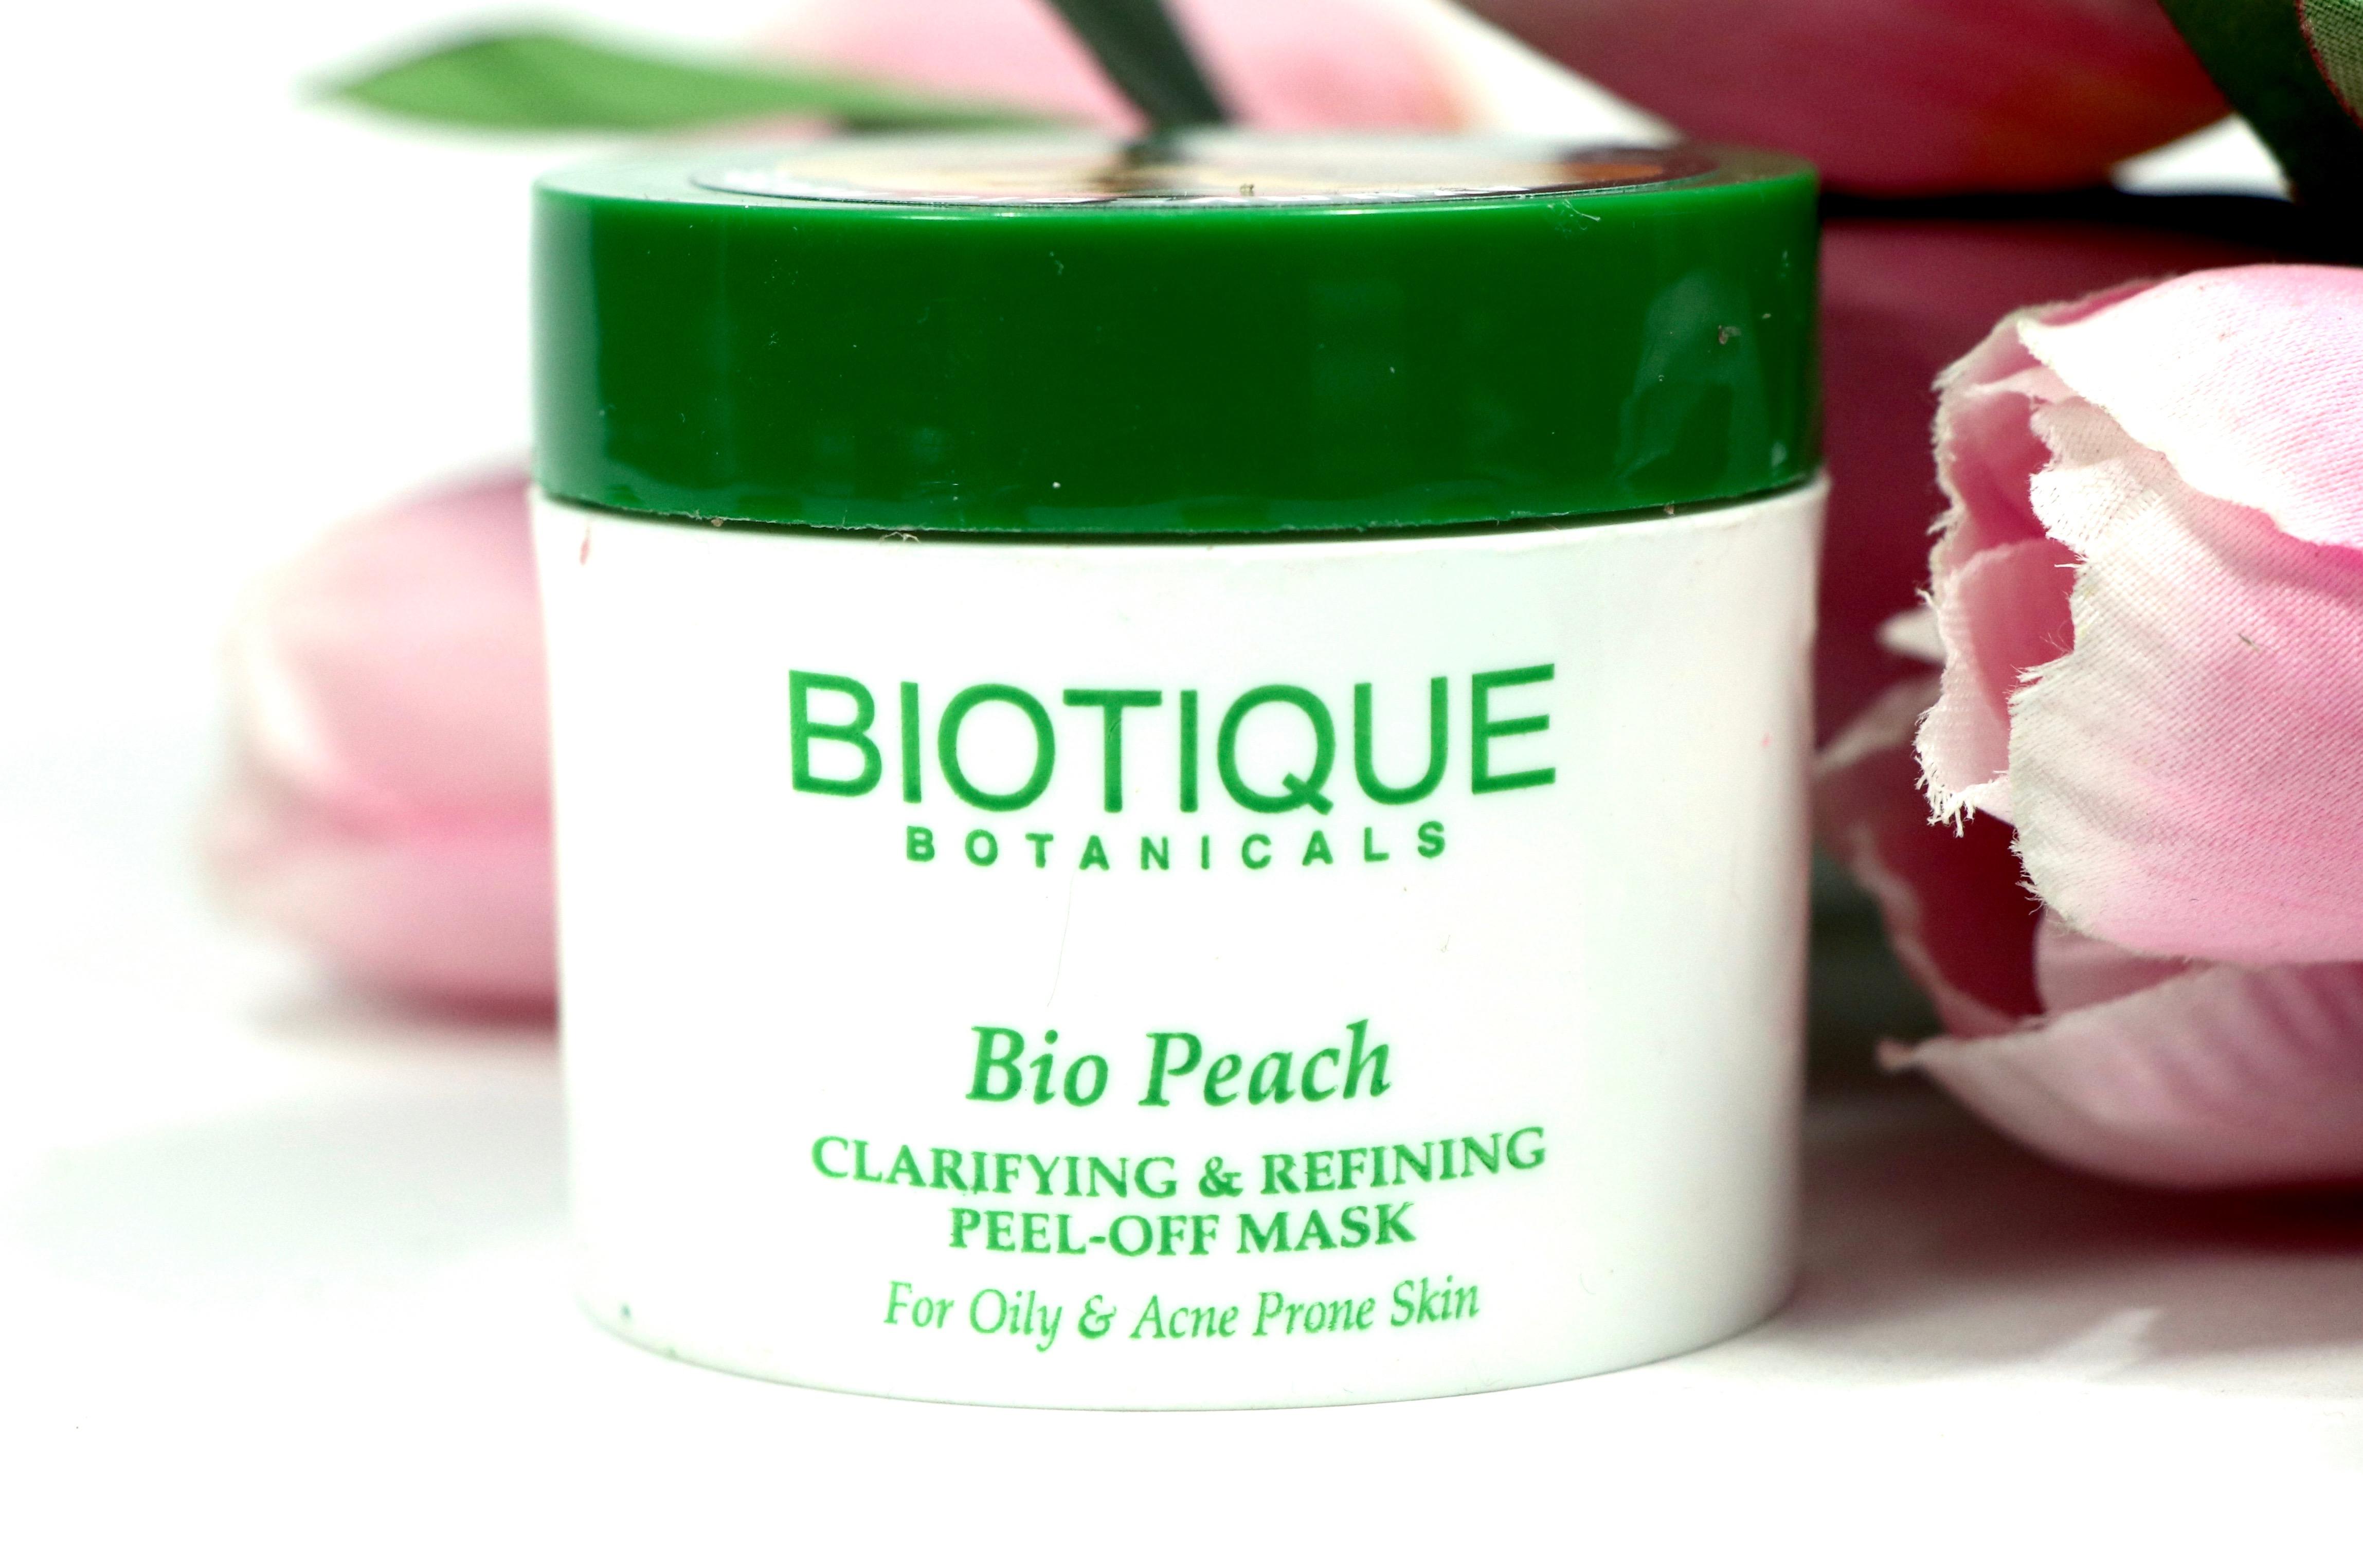 Biotique Bio Peach Clarifying Amp Refining Peel Off Mask